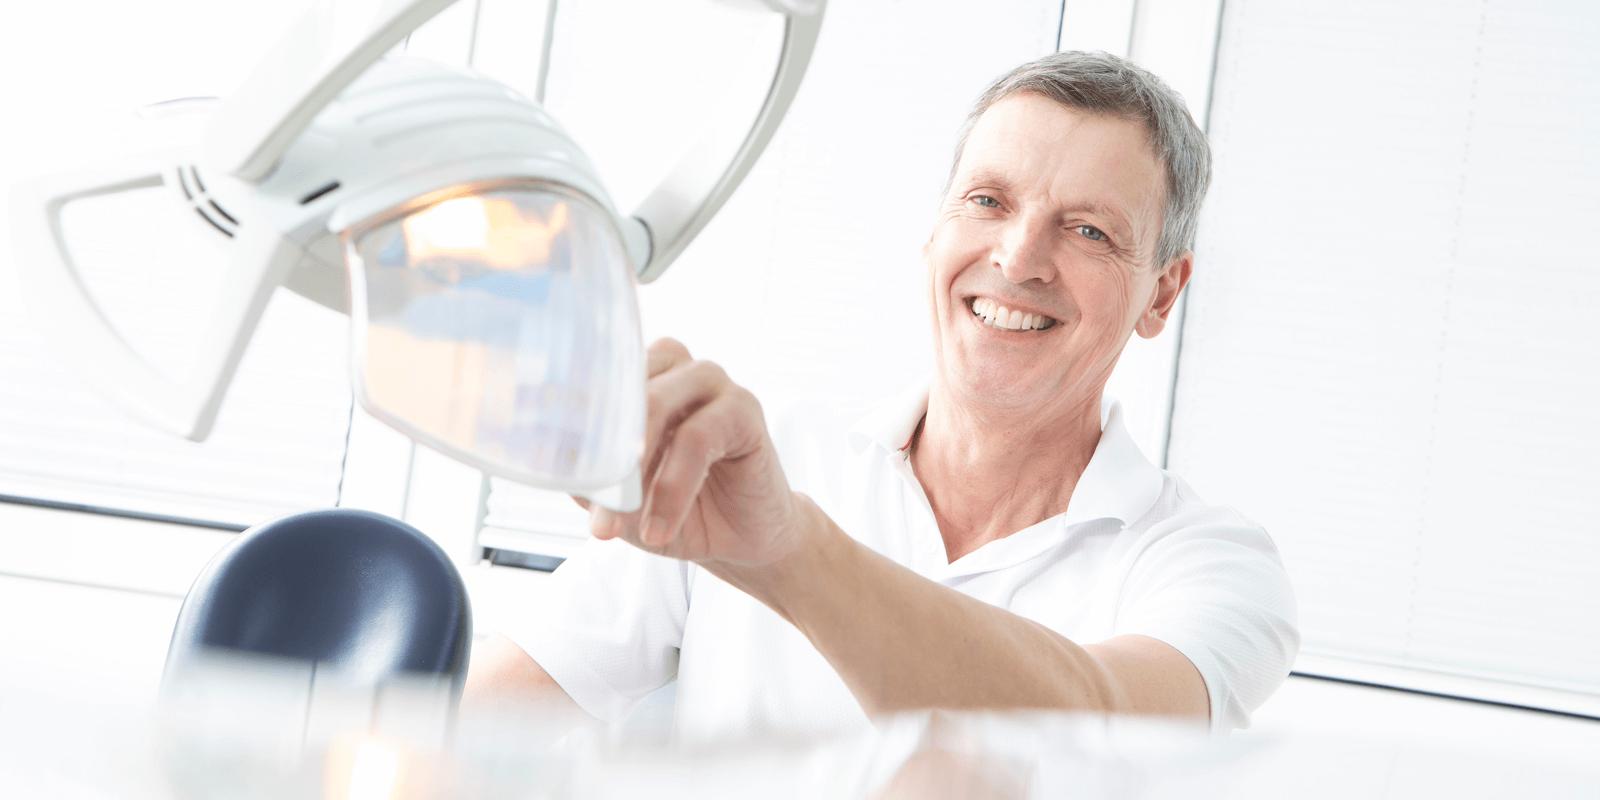 Zahnarzt Dr Lentz Heidelberg - Know-How und Engagement